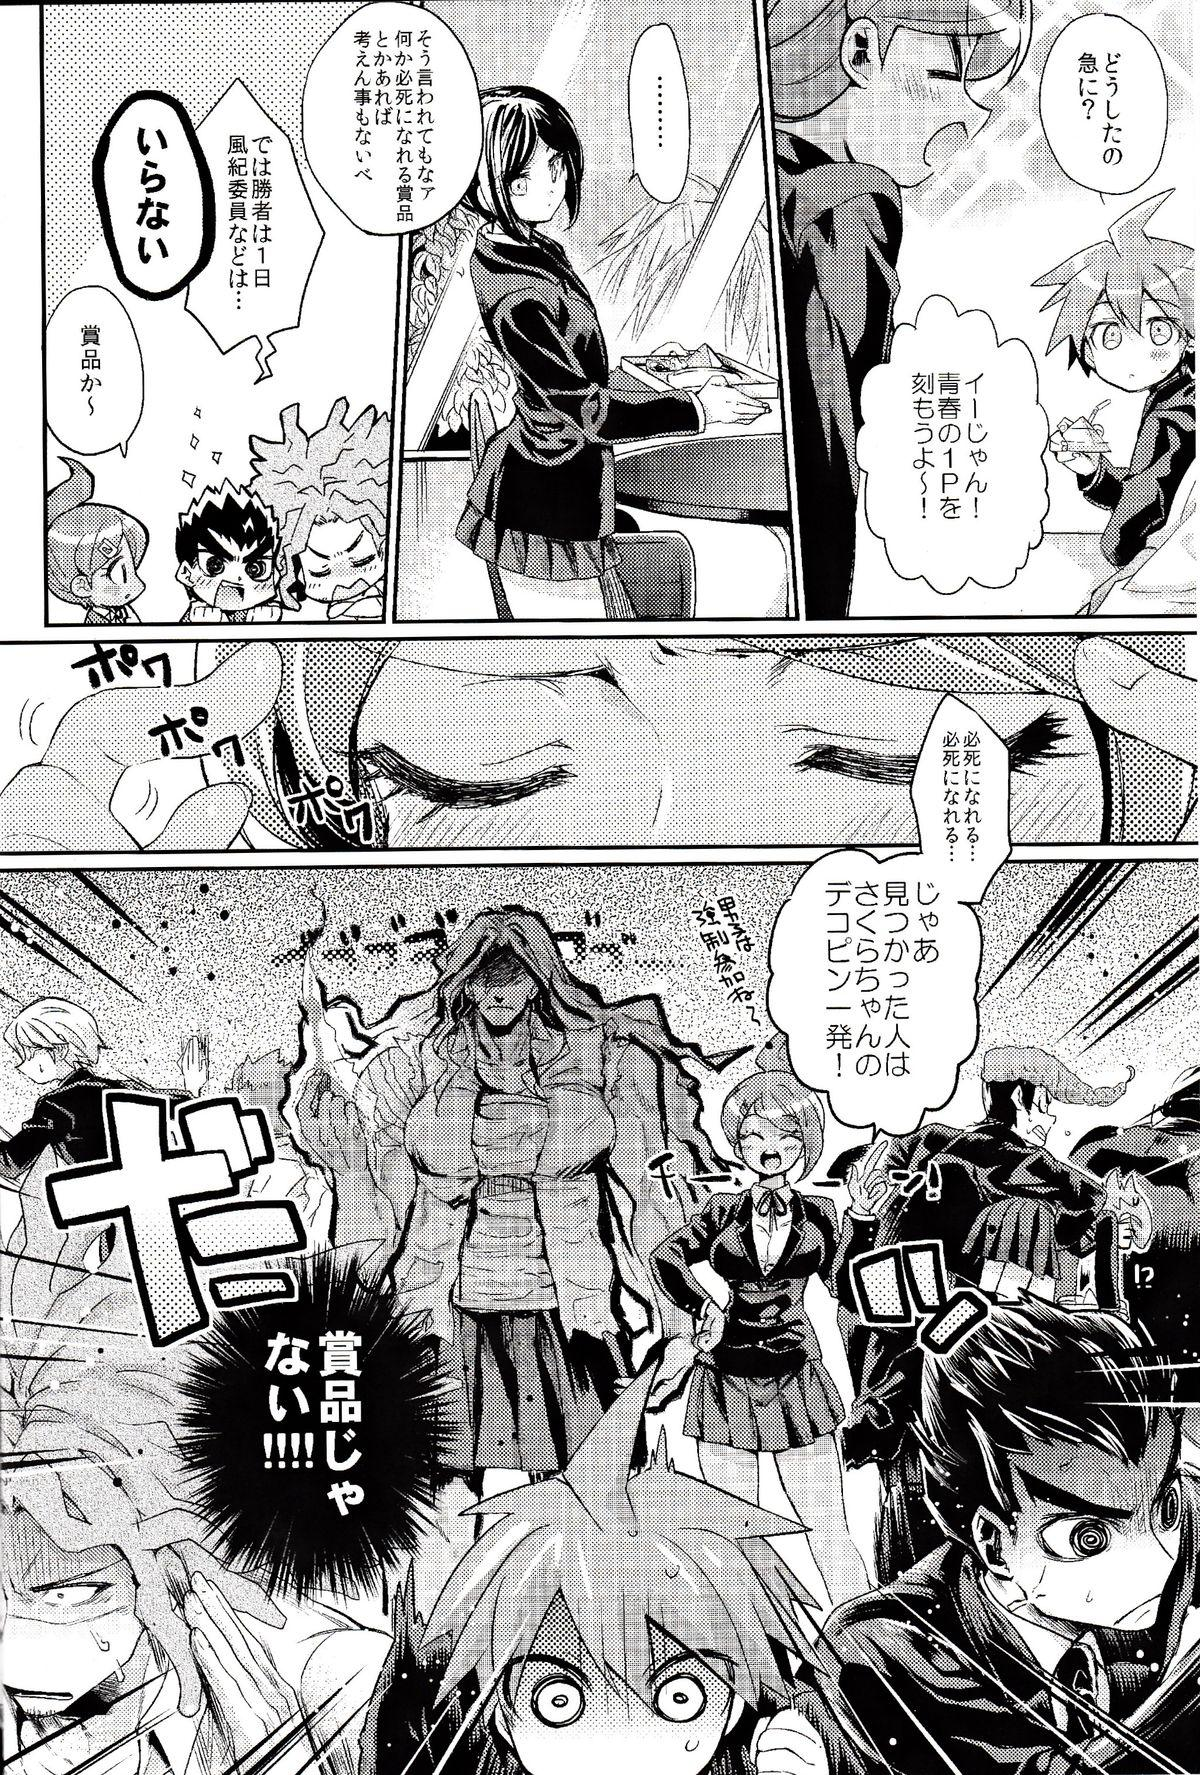 Zetsubou☆Locker Room ~Zetsubou☆Rocker Room~ 4